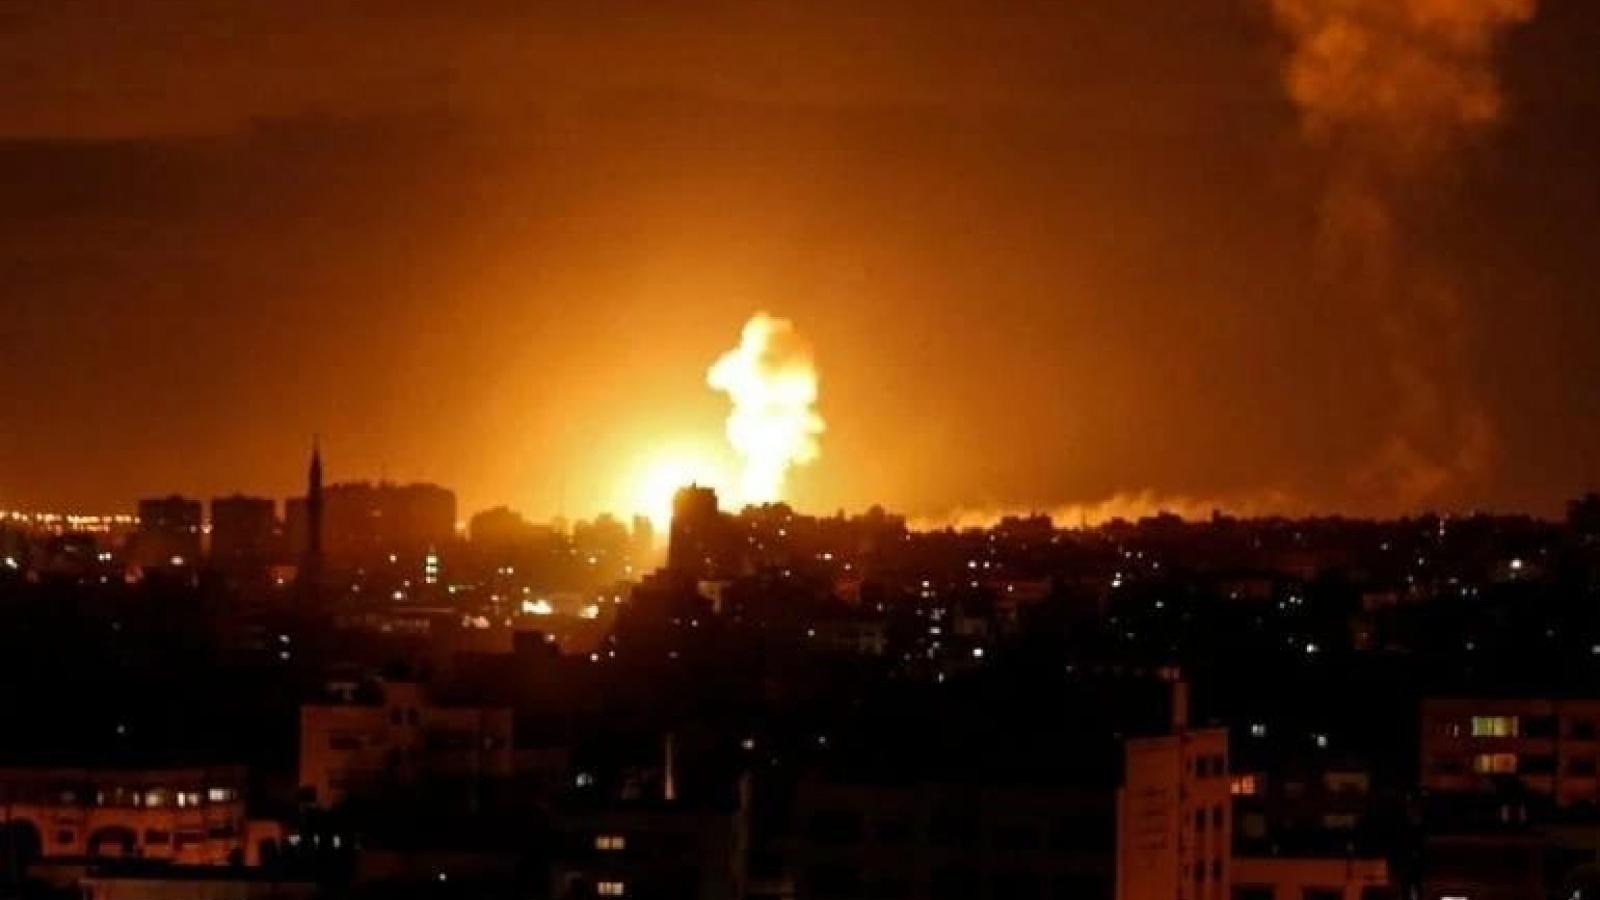 Bể trữ dầu của Israel trúng tên lửa từ Gaza, phát nổ và bốc cháy dữ dội